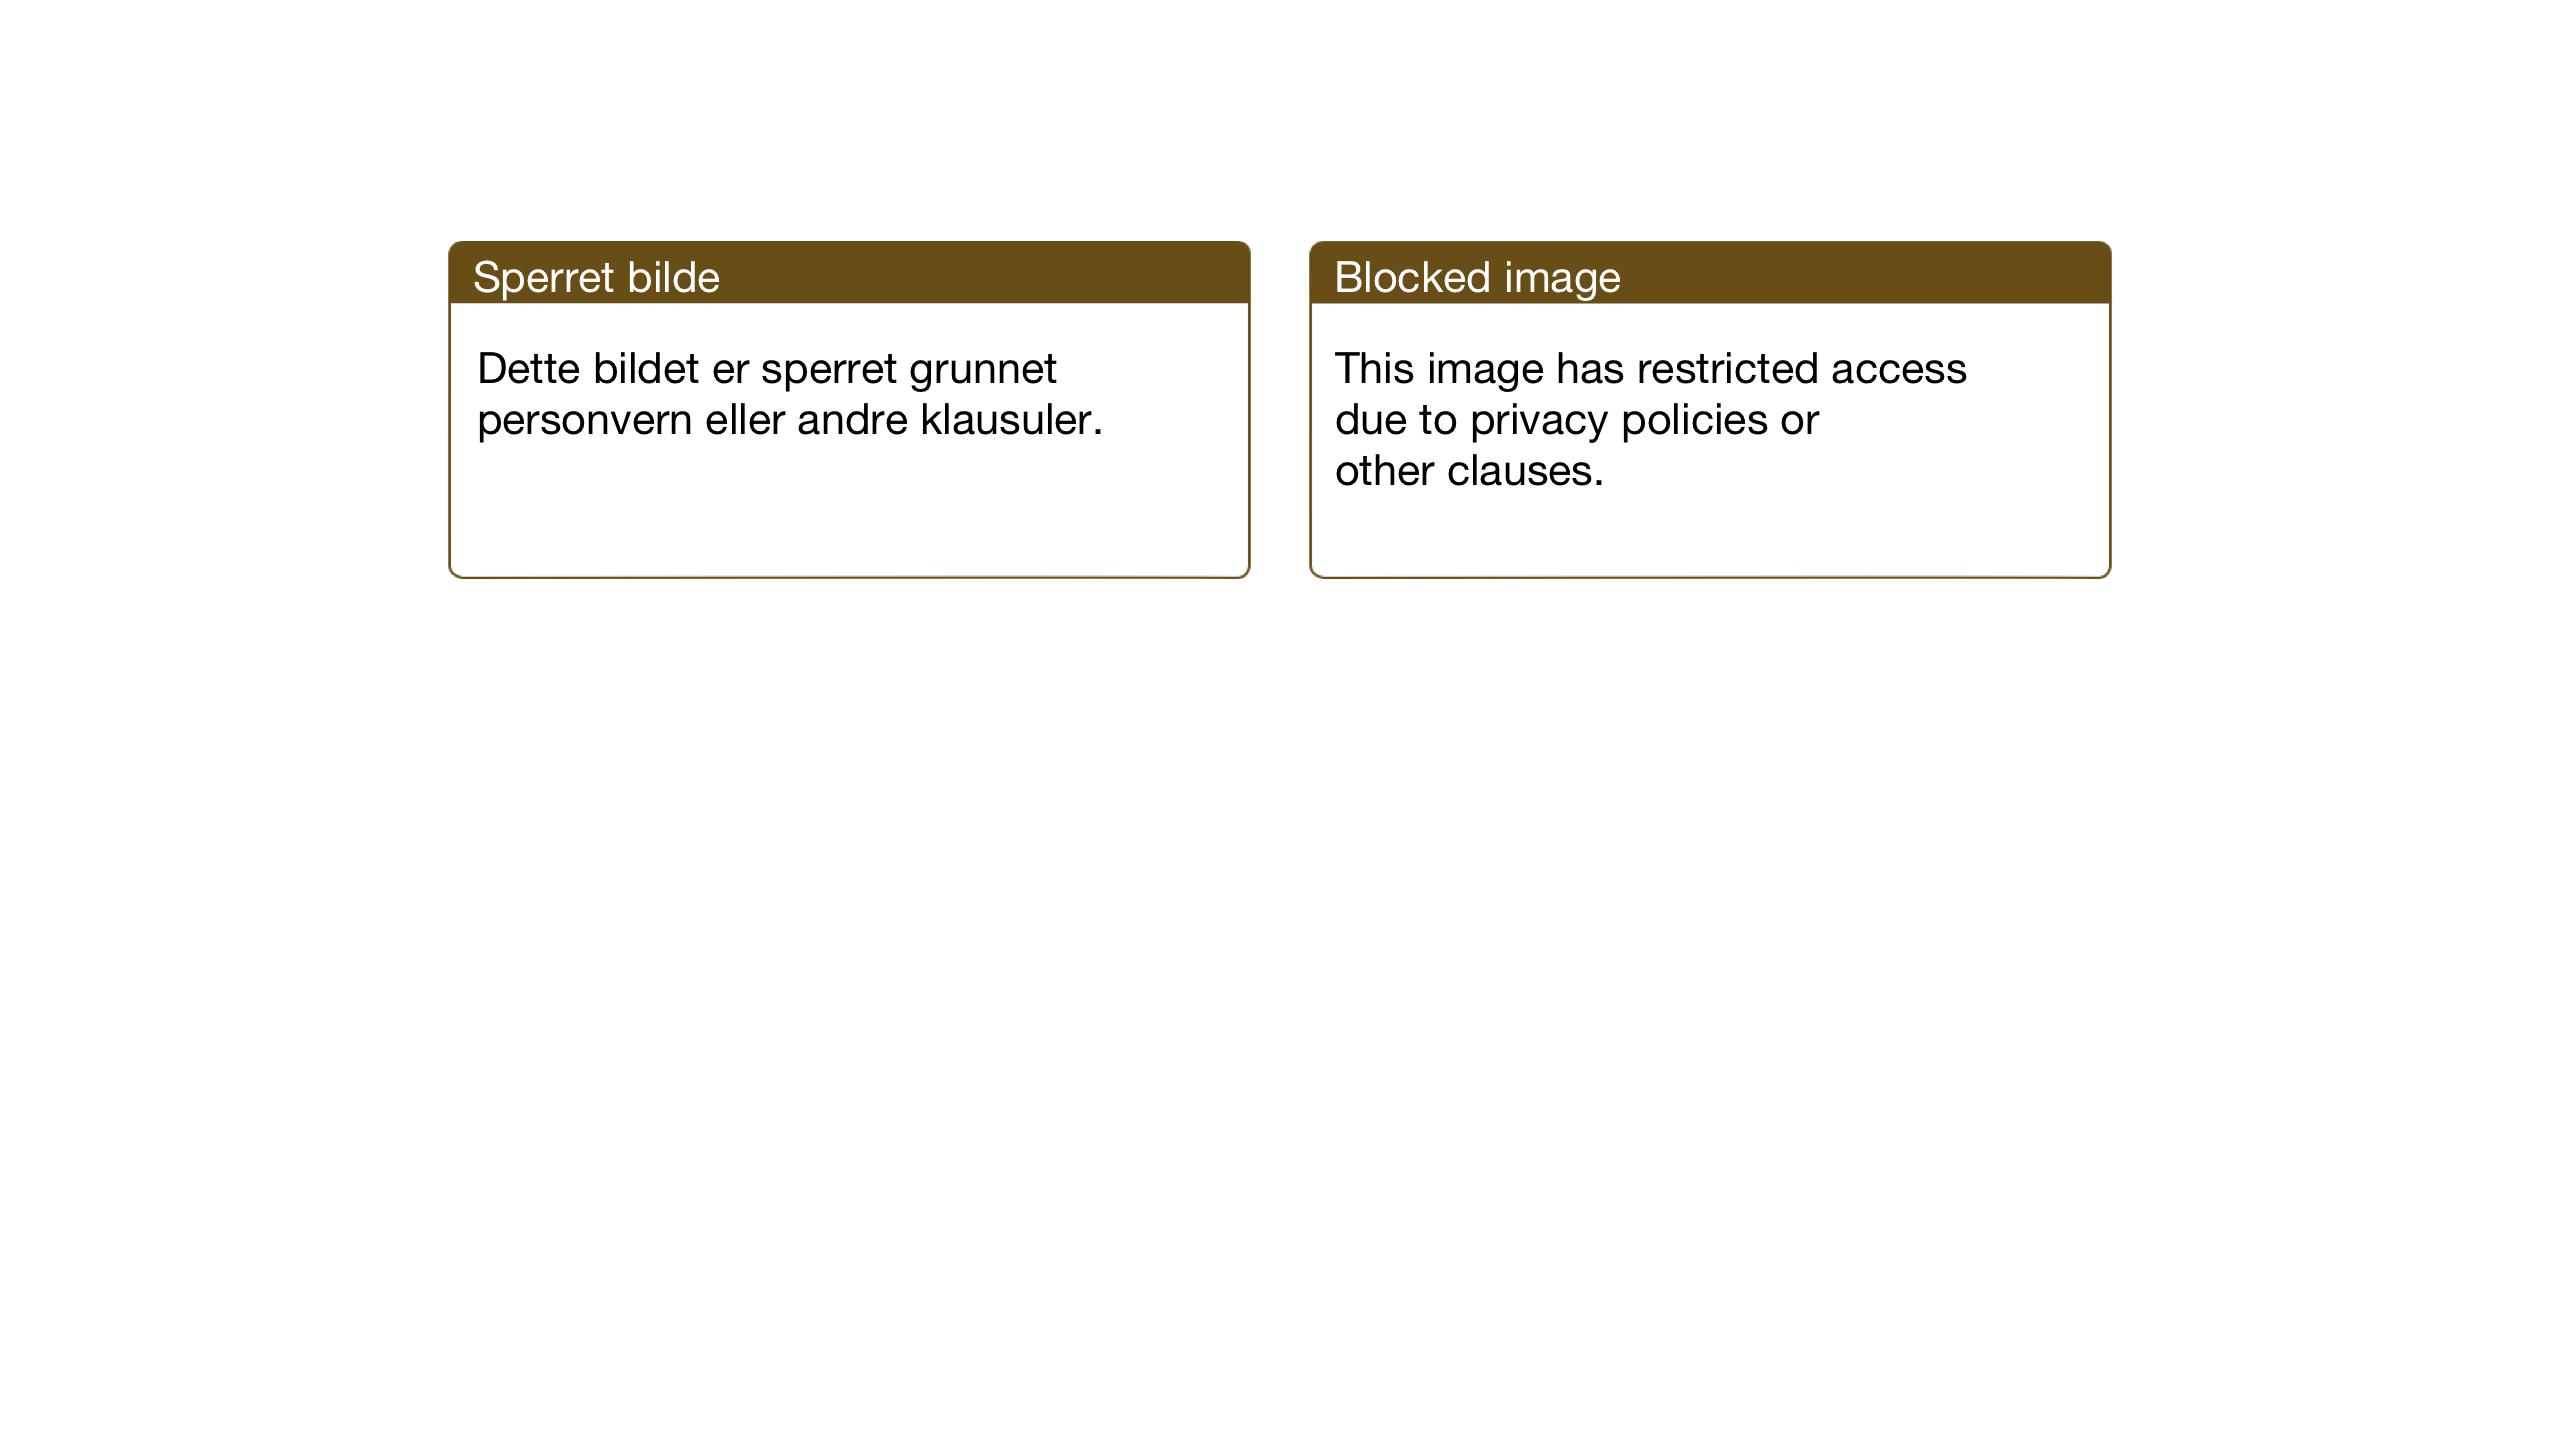 SAT, Ministerialprotokoller, klokkerbøker og fødselsregistre - Sør-Trøndelag, 605/L0248: Ministerialbok nr. 605A10, 1920-1937, s. 204